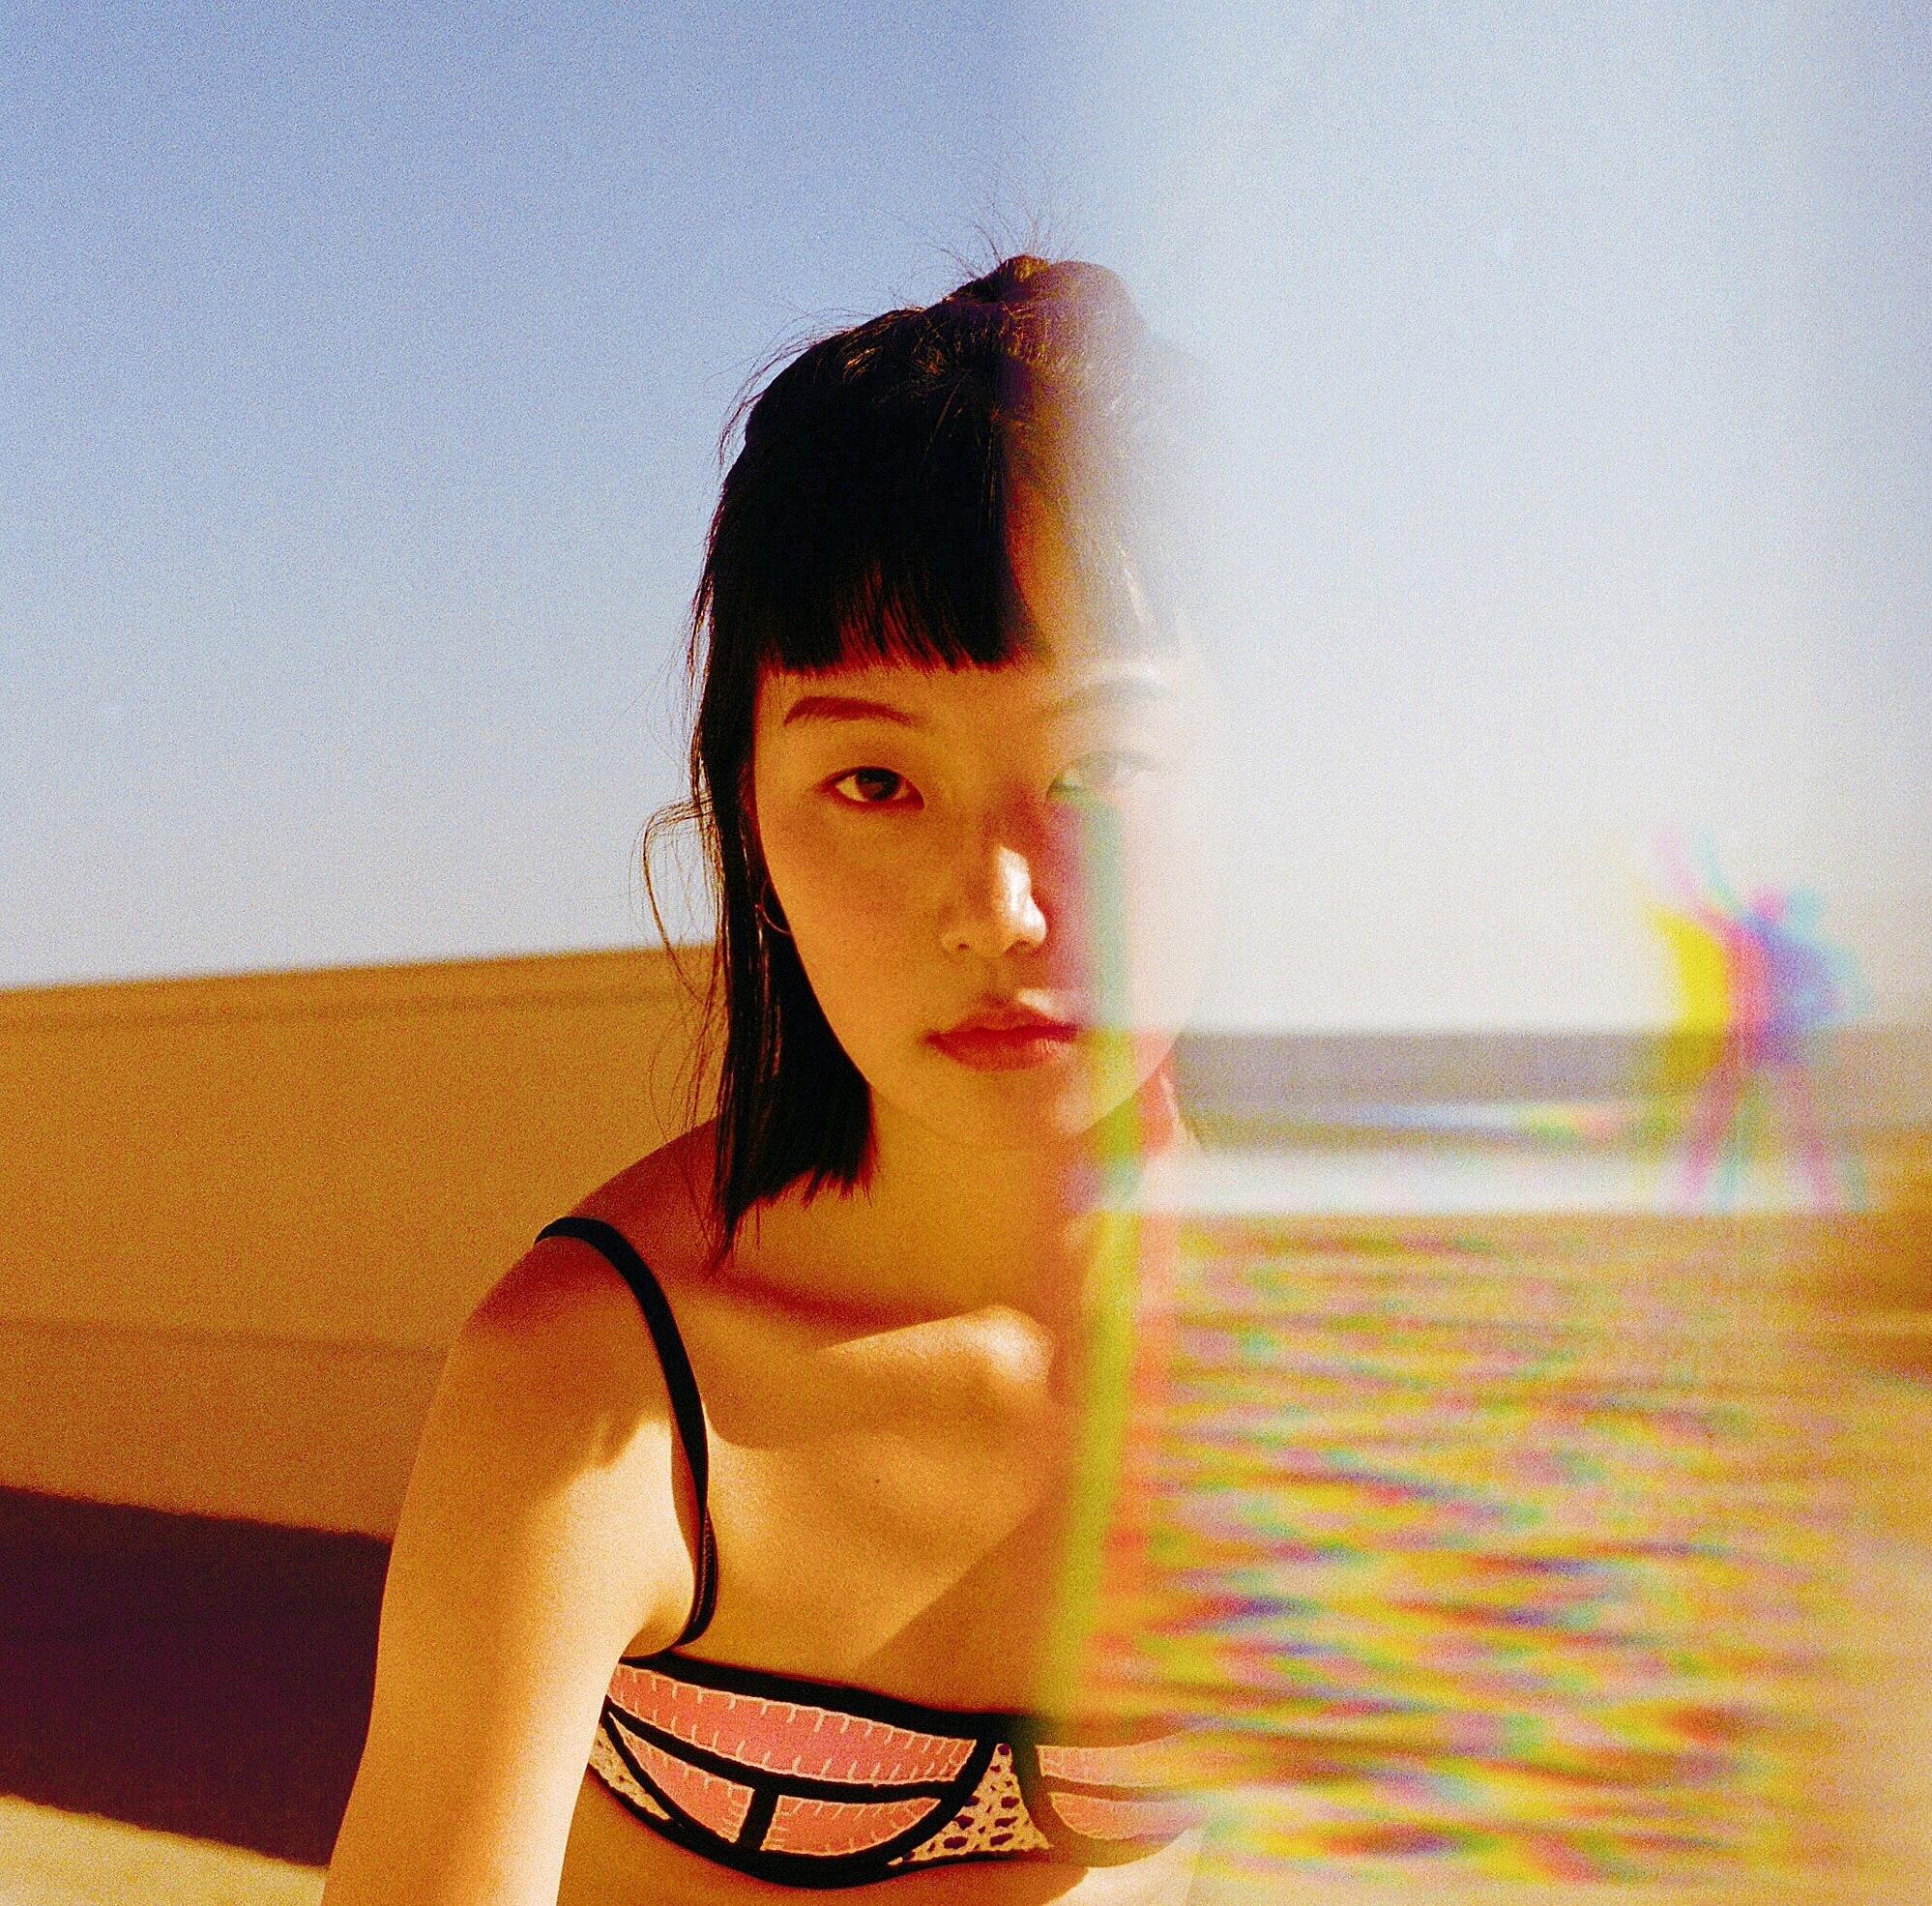 Xinyi cui's Model portfolio